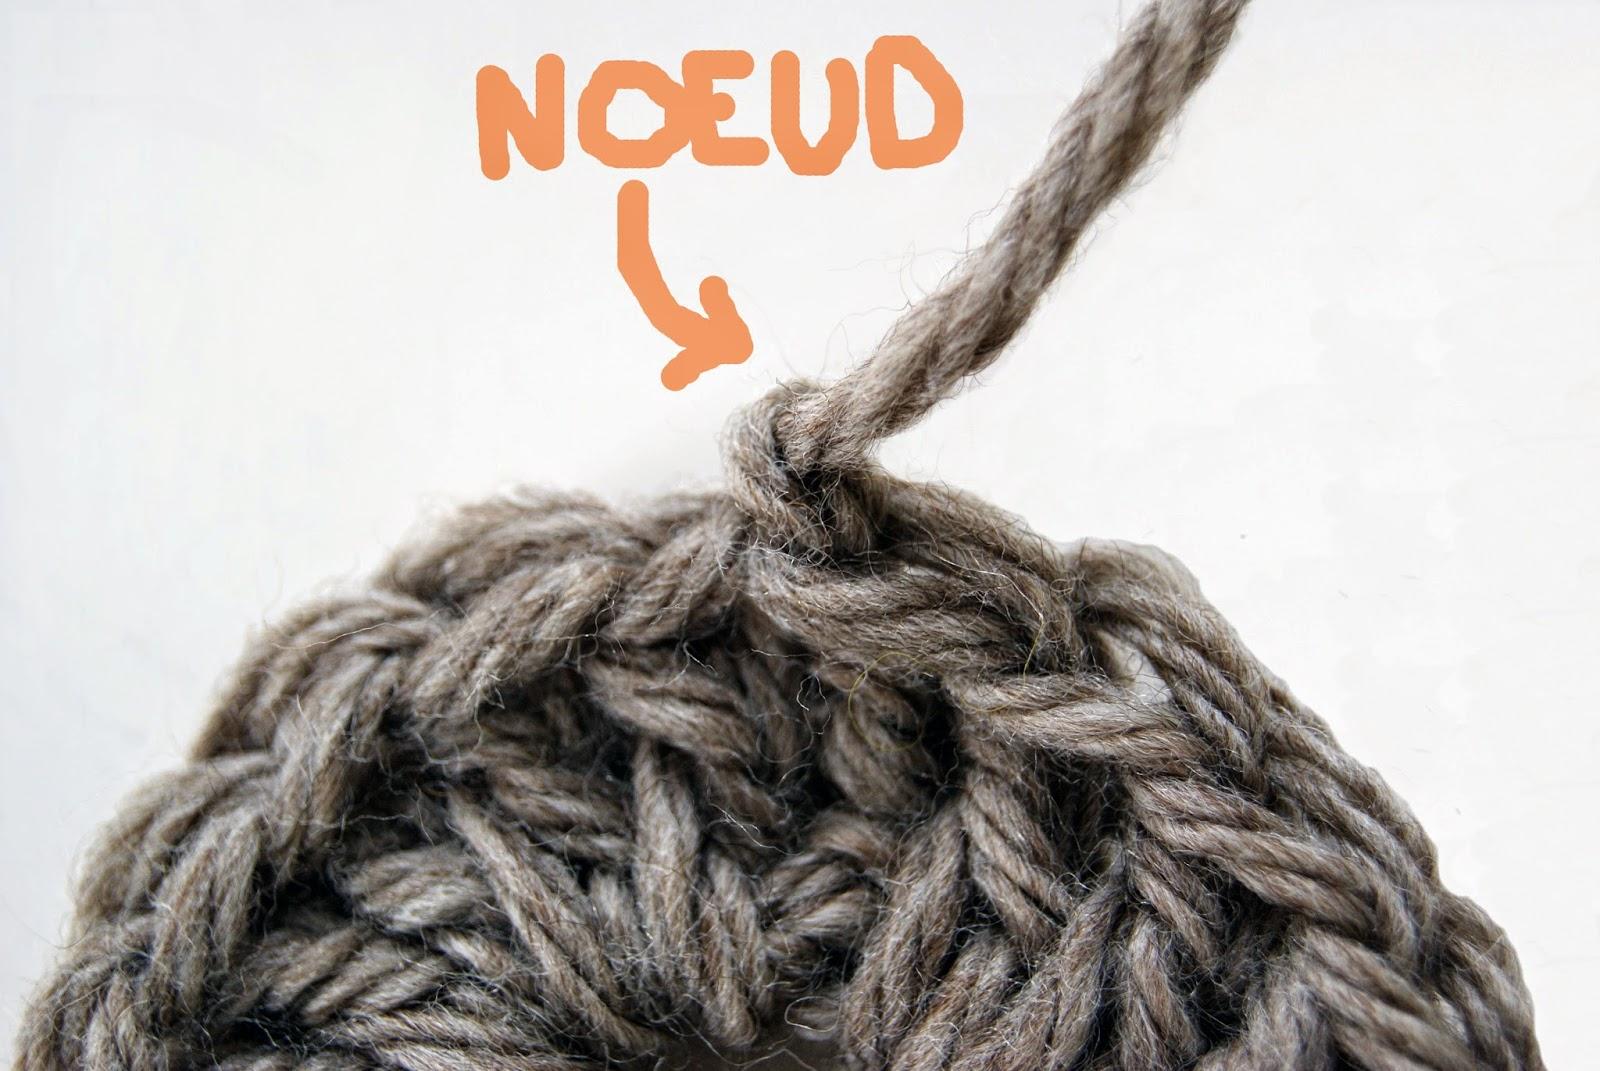 noeud à la fin d'un ouvrage de crochet ou de tricot